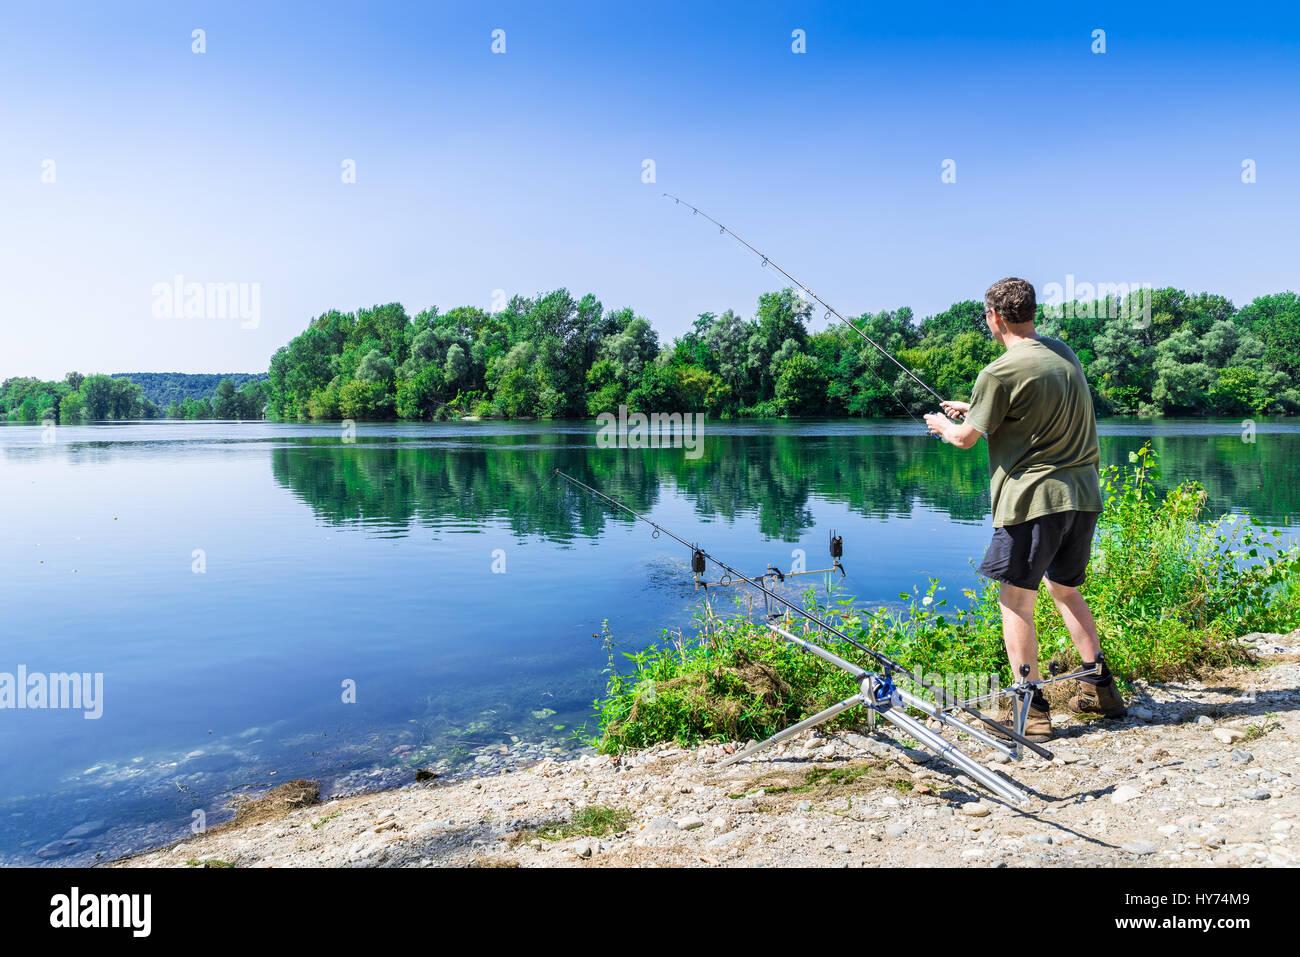 Le avventure di pesca, la pesca alla carpa. Il pescatore è la pesca con carpfishing tecnica in acqua dolce, Immagini Stock